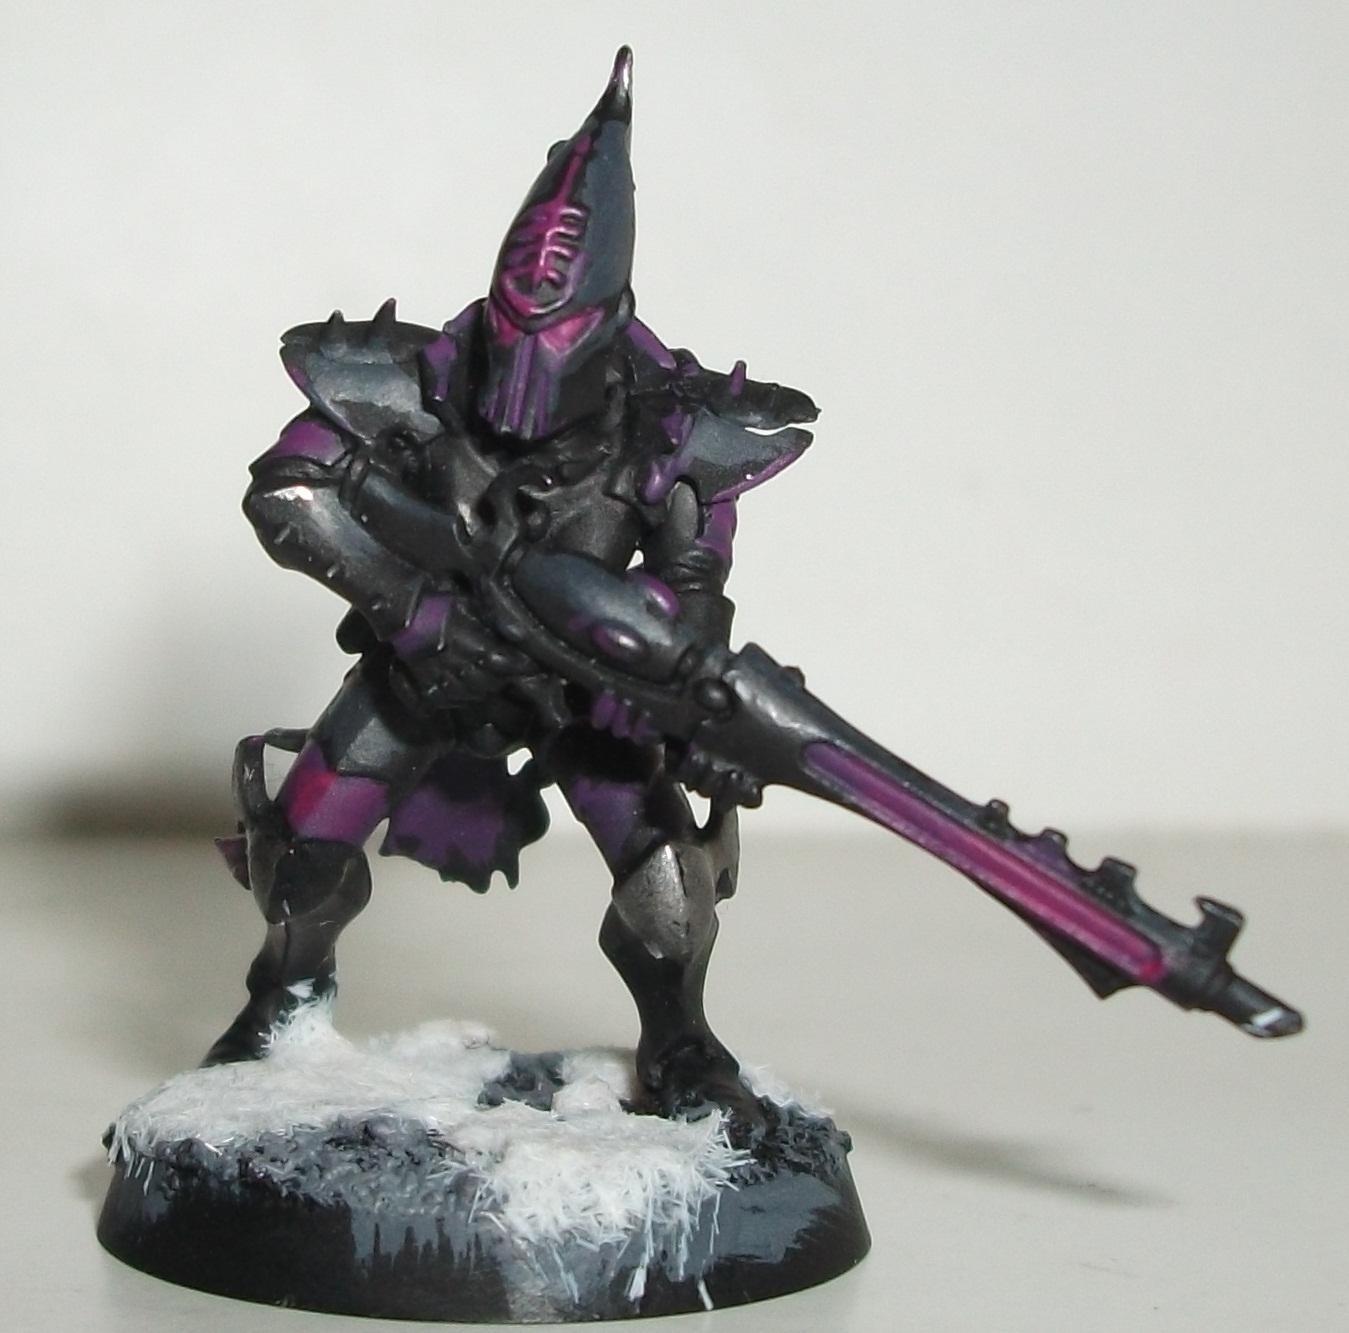 Dark Eldar, Kabalite Warrior, Warhammer 40,000